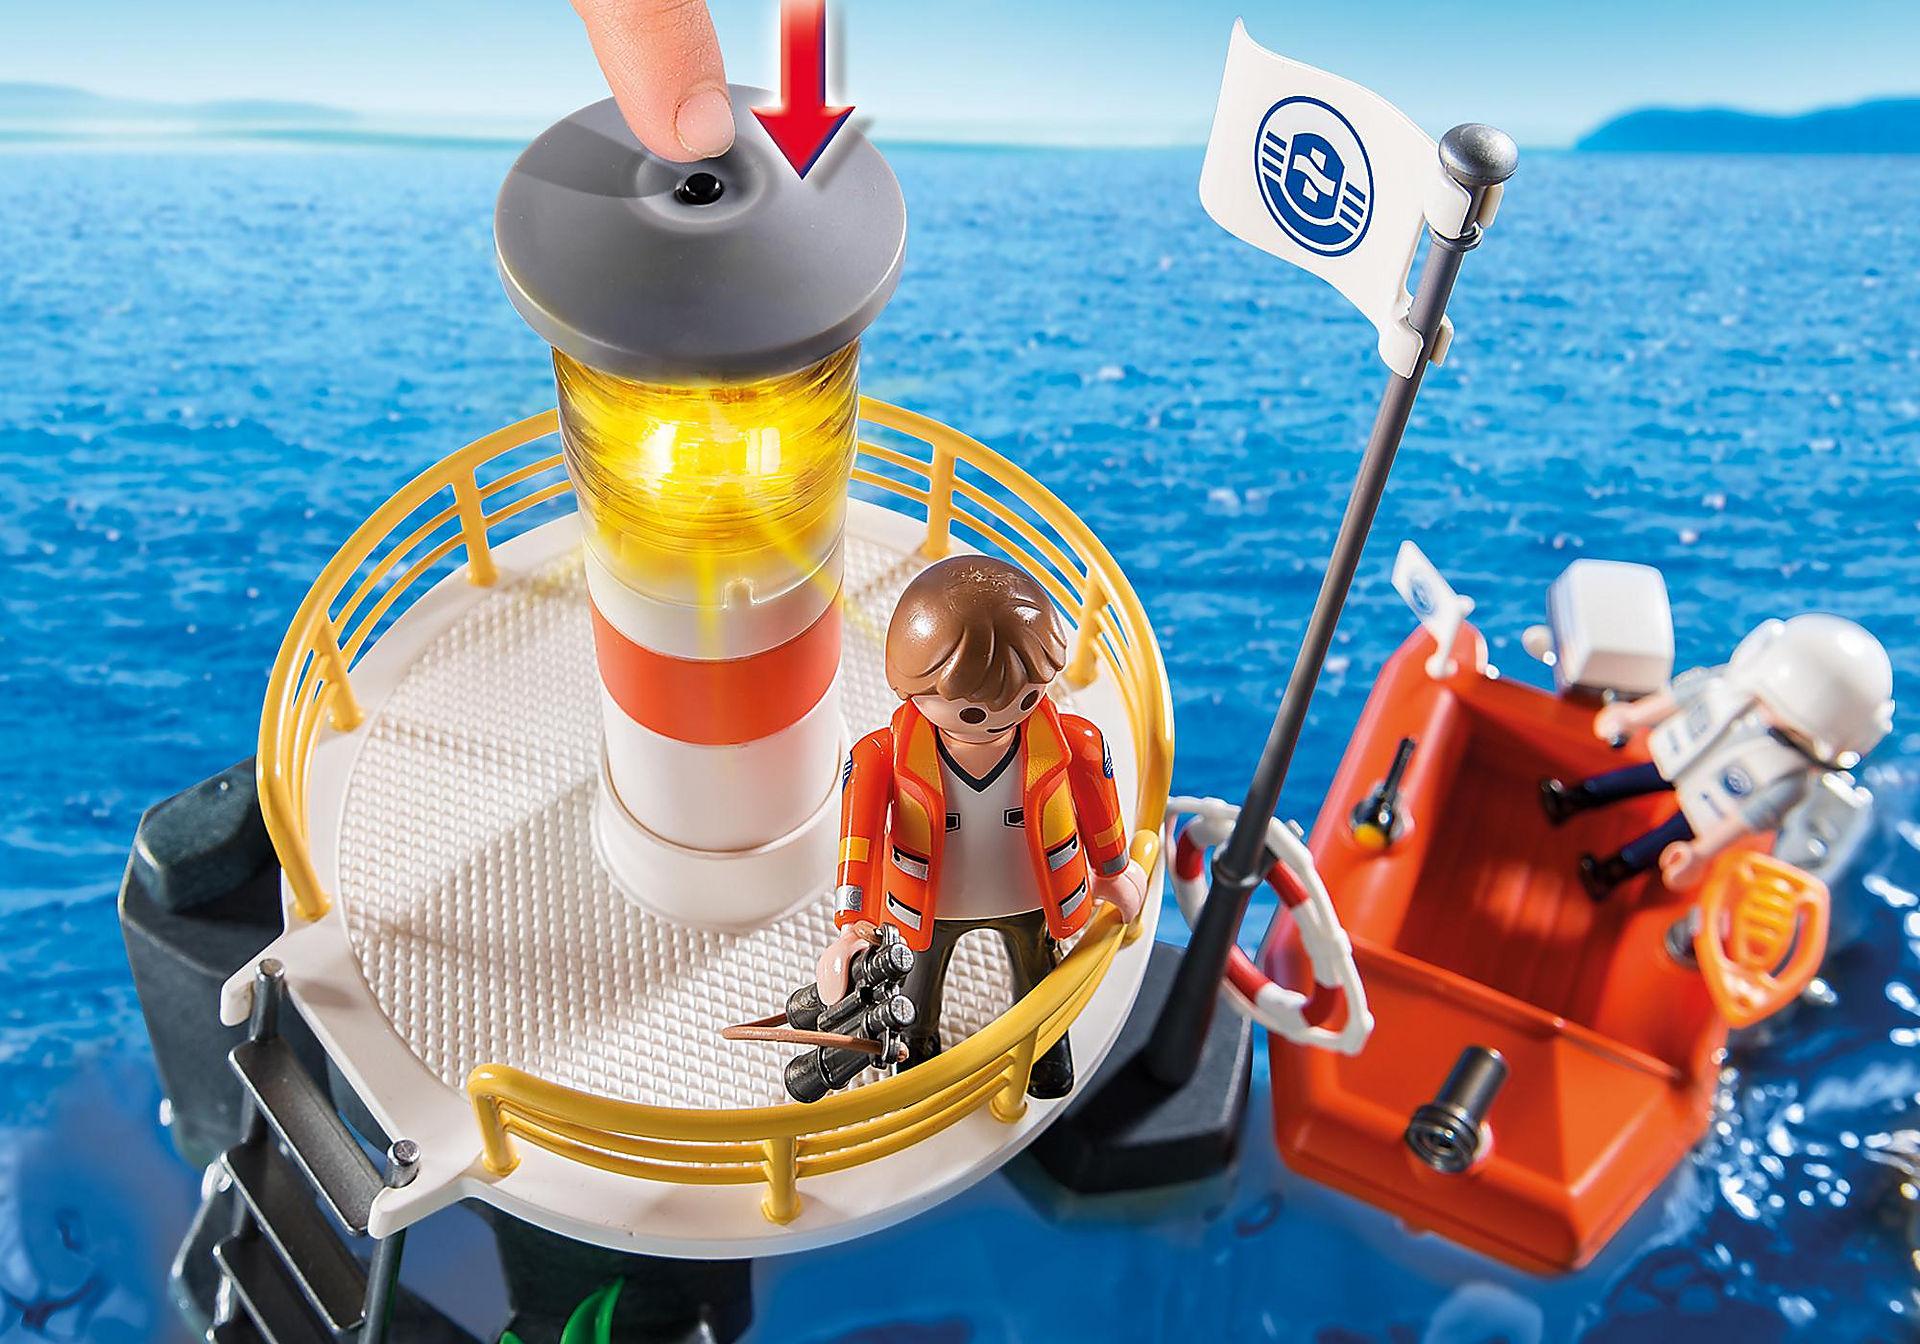 http://media.playmobil.com/i/playmobil/5626_product_extra2/Farol com barco salva-vidas